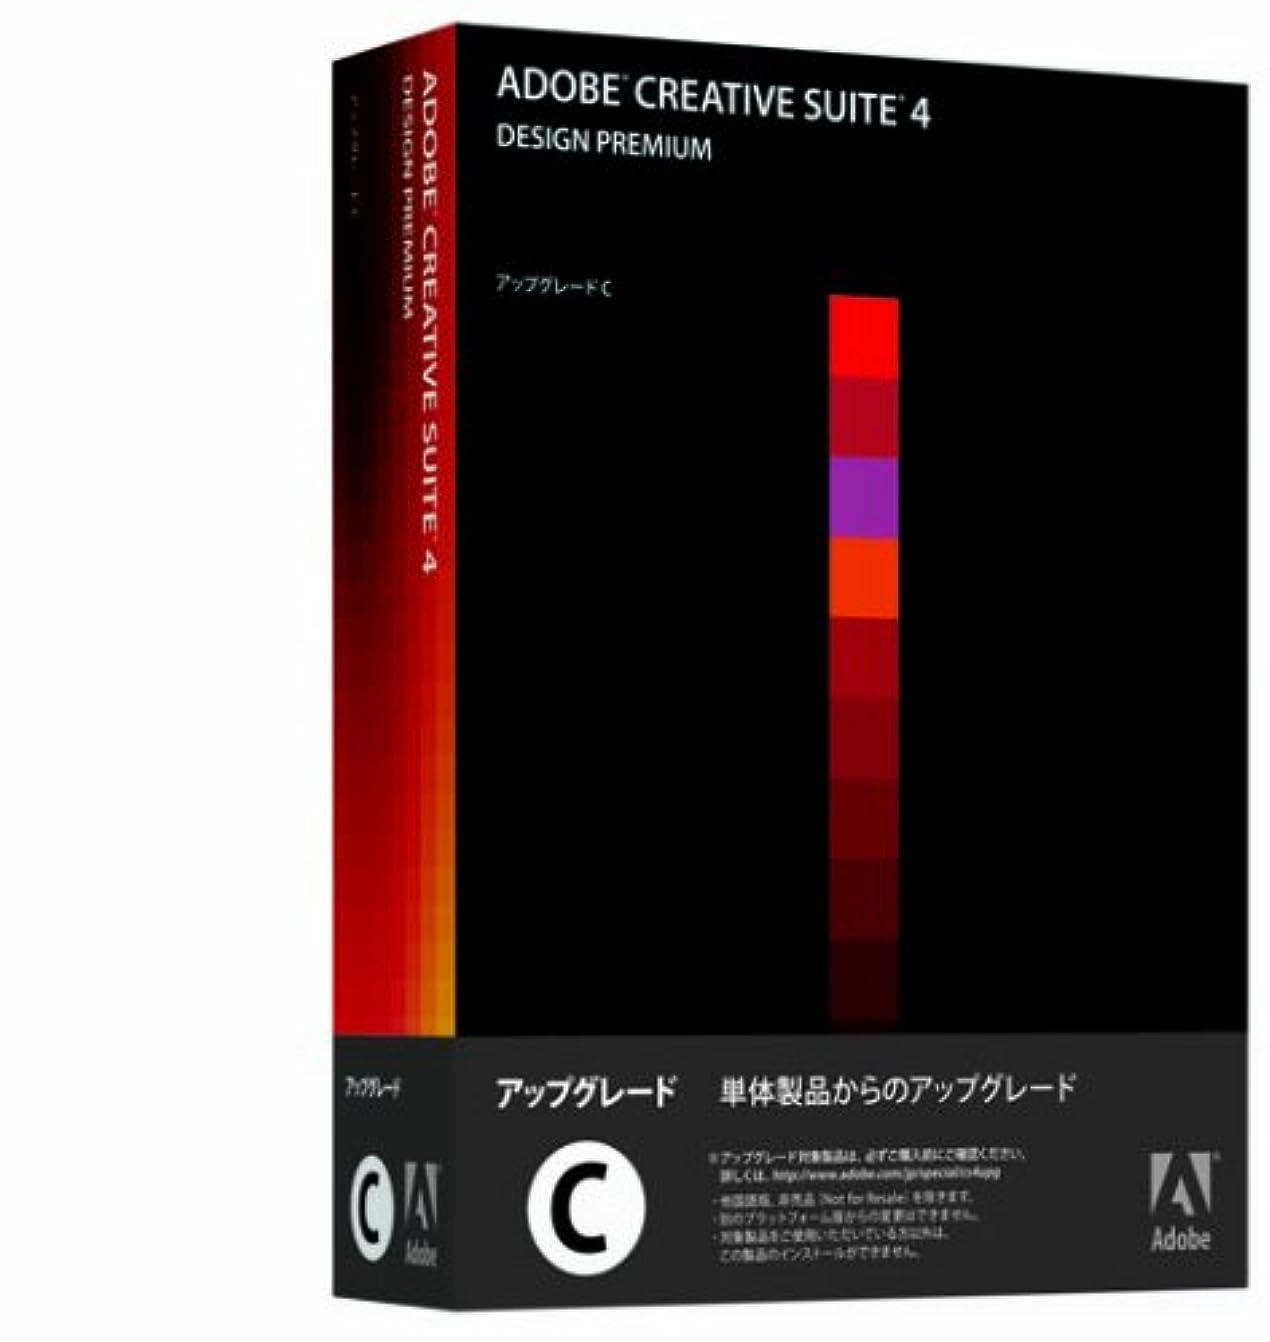 コマンド回路口径Adobe Creative Suite 4 Design Premium 日本語版 アップグレード版C (FR PS/PHXS/DW/IL/ID/FL) Windows版